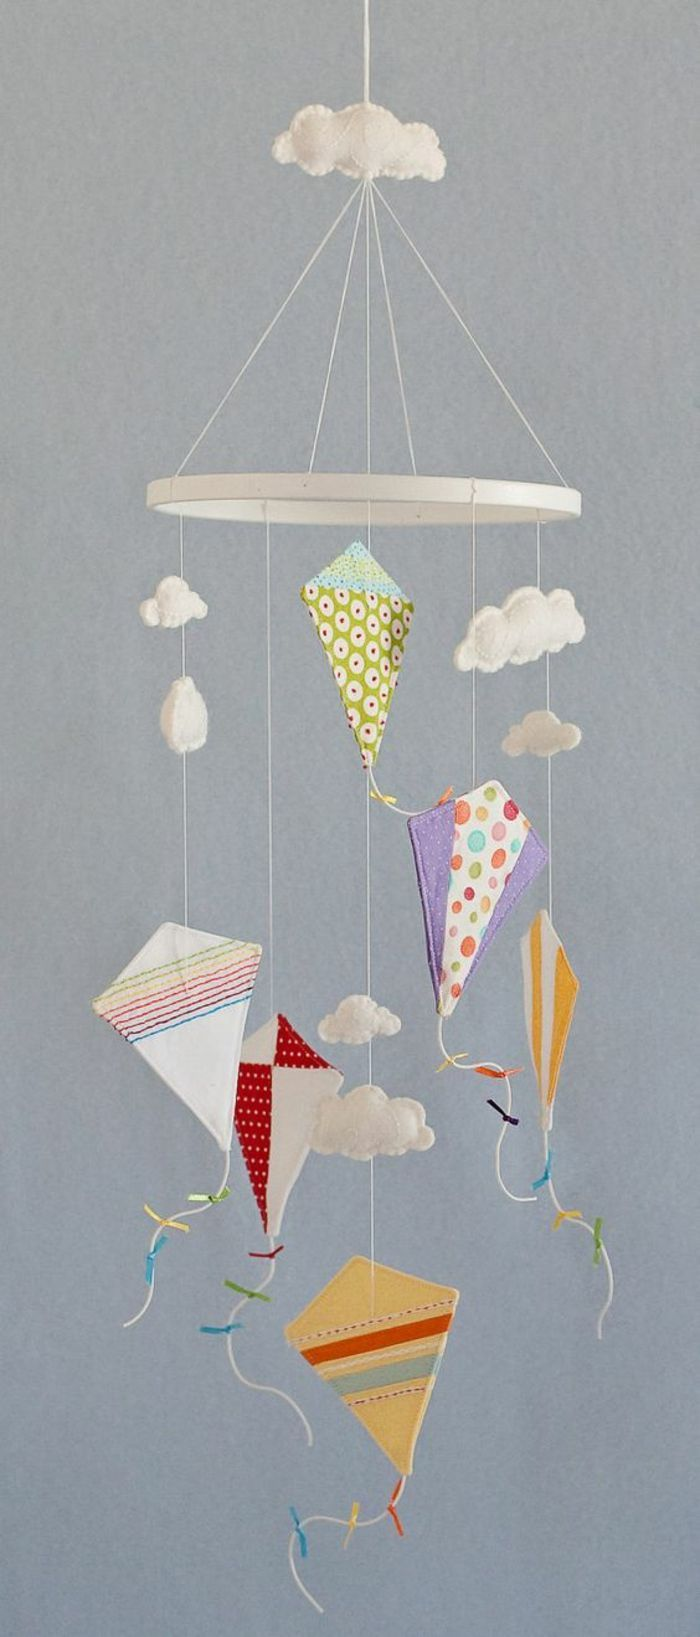 1000+ ideen zu kinderzimmer deko auf pinterest | babyzimmer